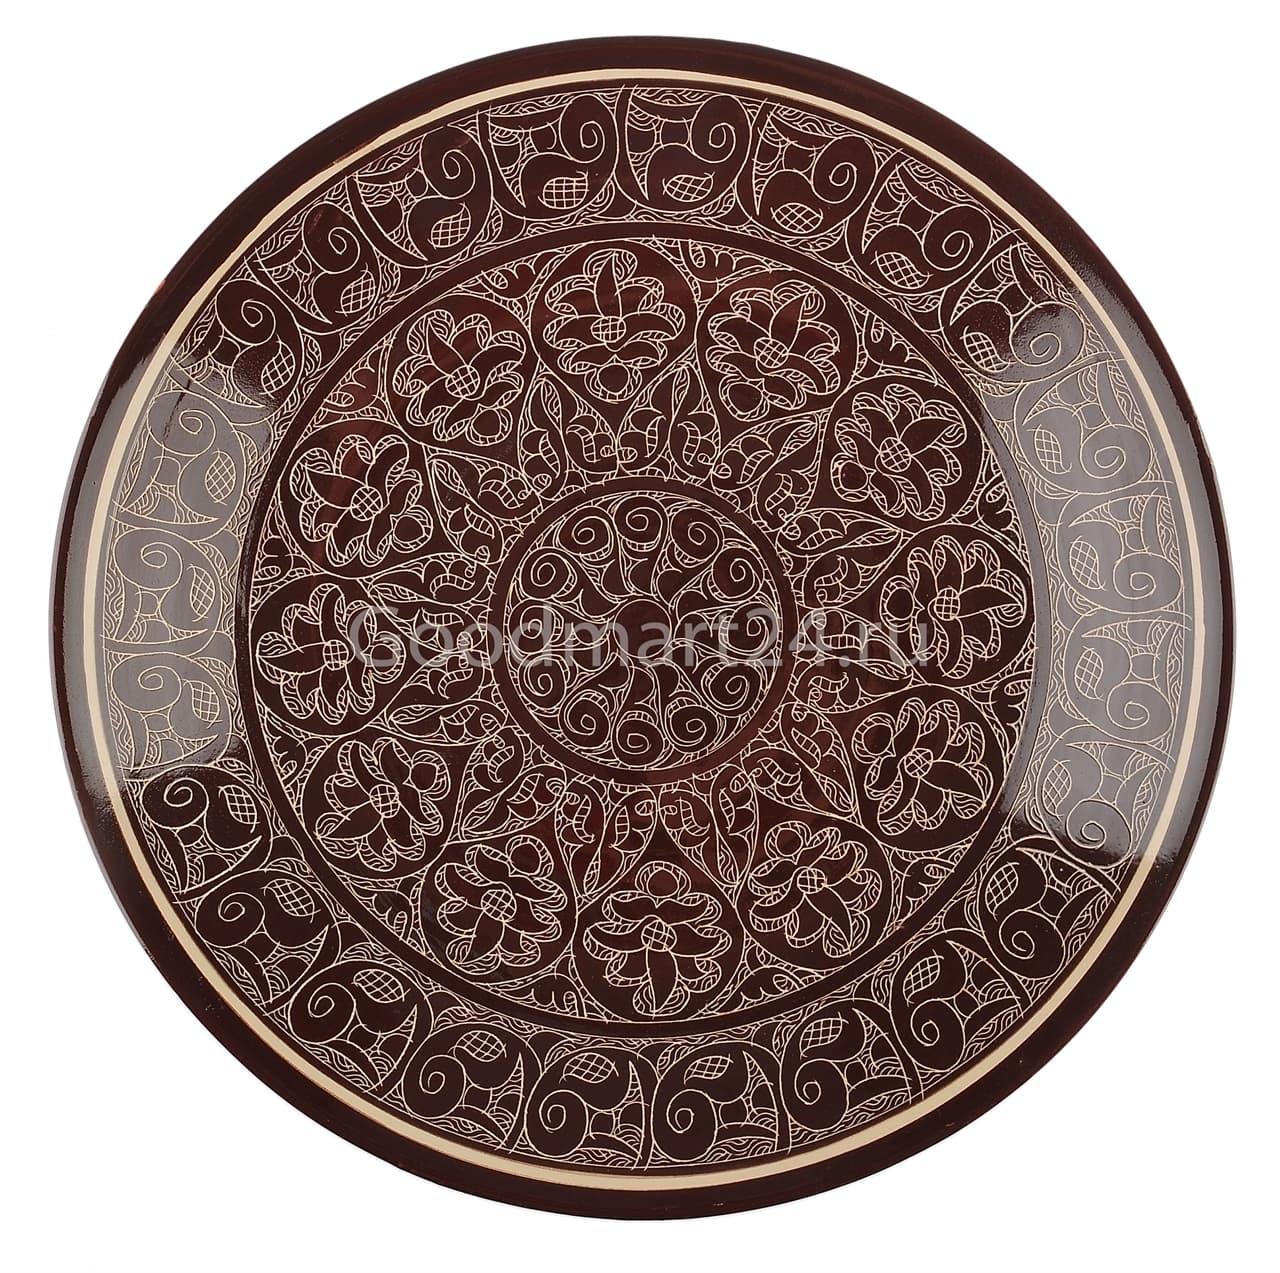 Ляган Риштанская Керамика 38 см. плоский, коричневый - фото 7357